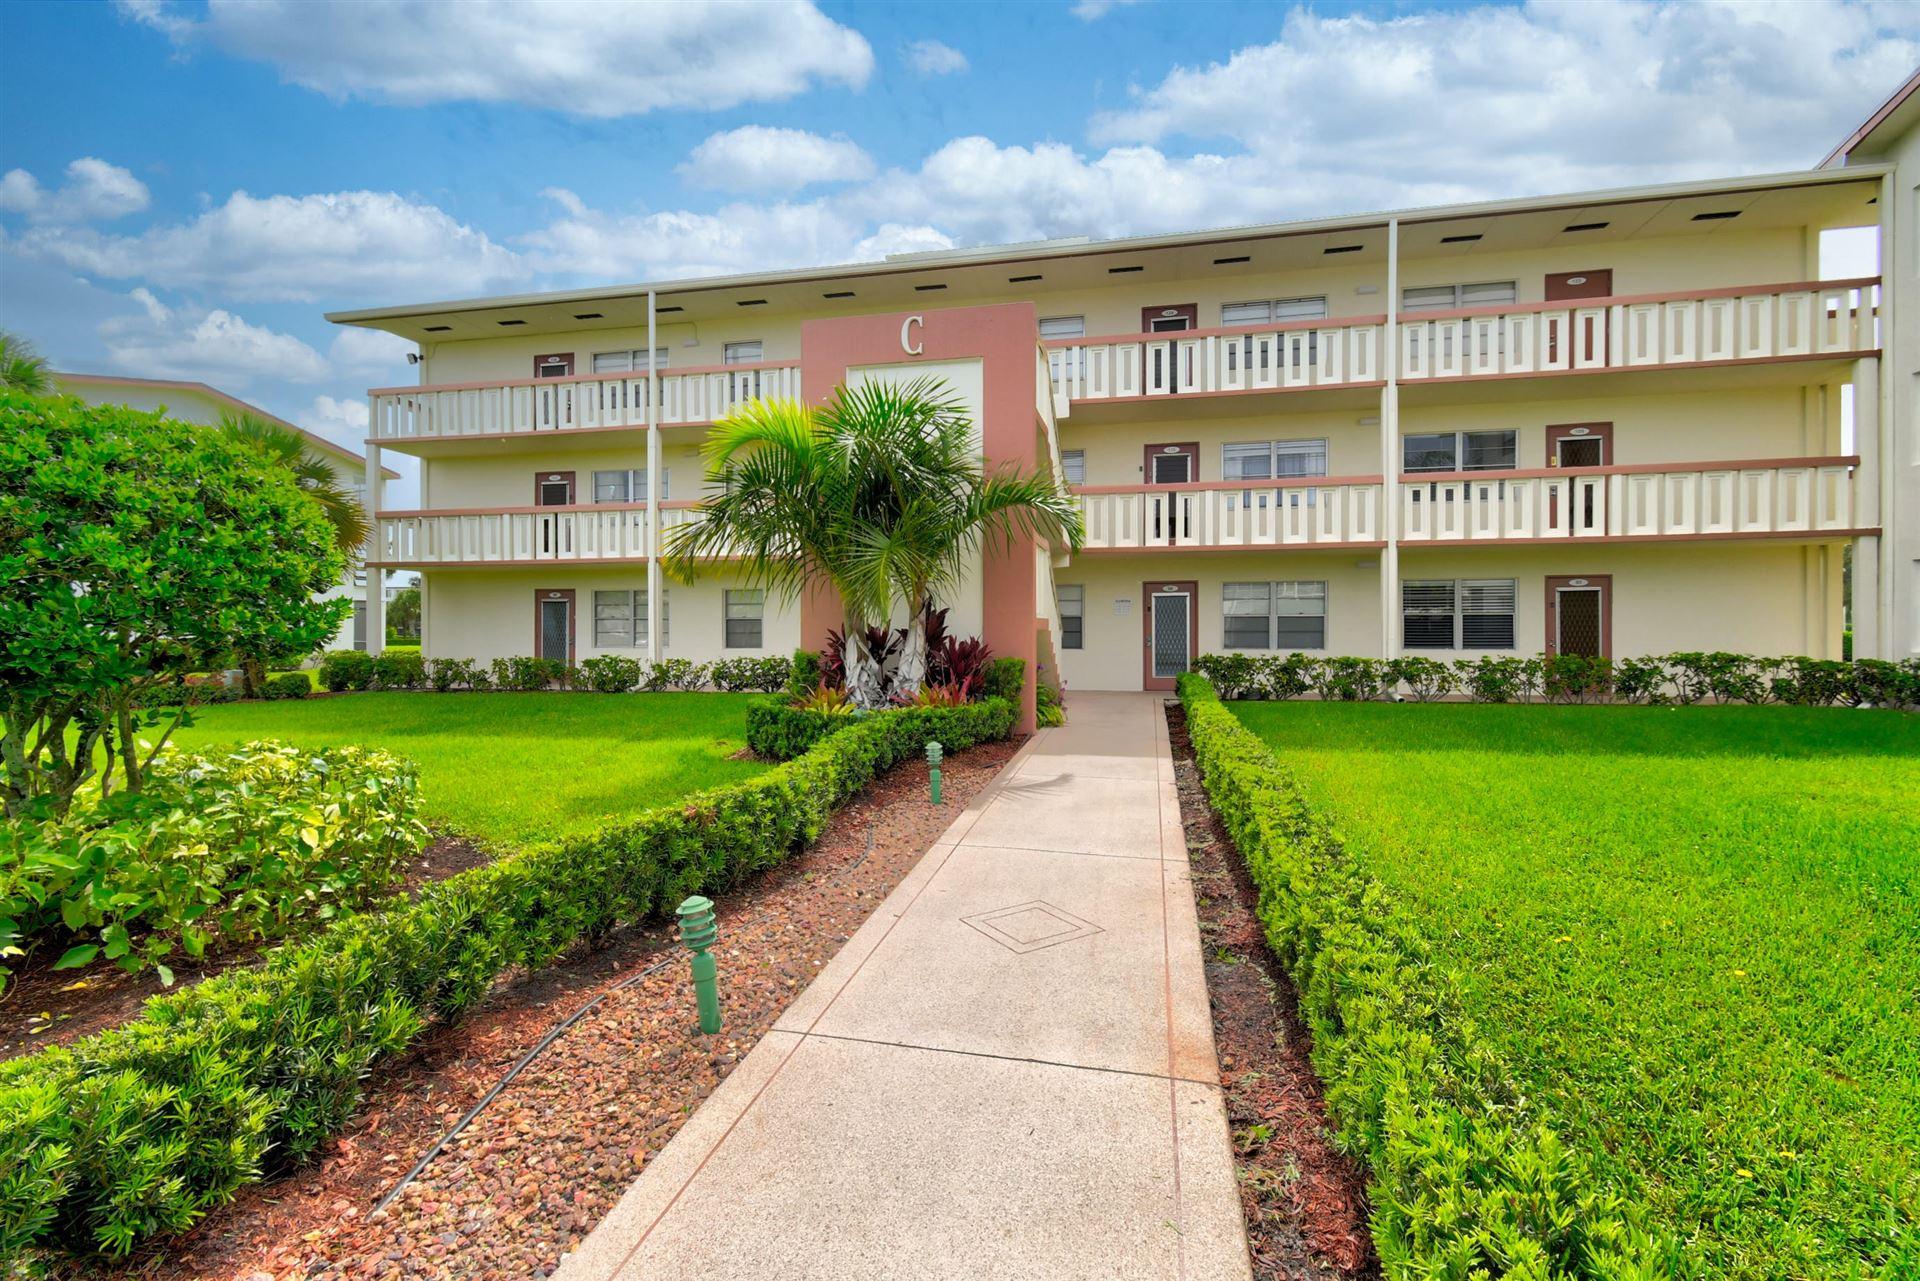 111 Preston C, Boca Raton, FL 33434 - #: RX-10640911